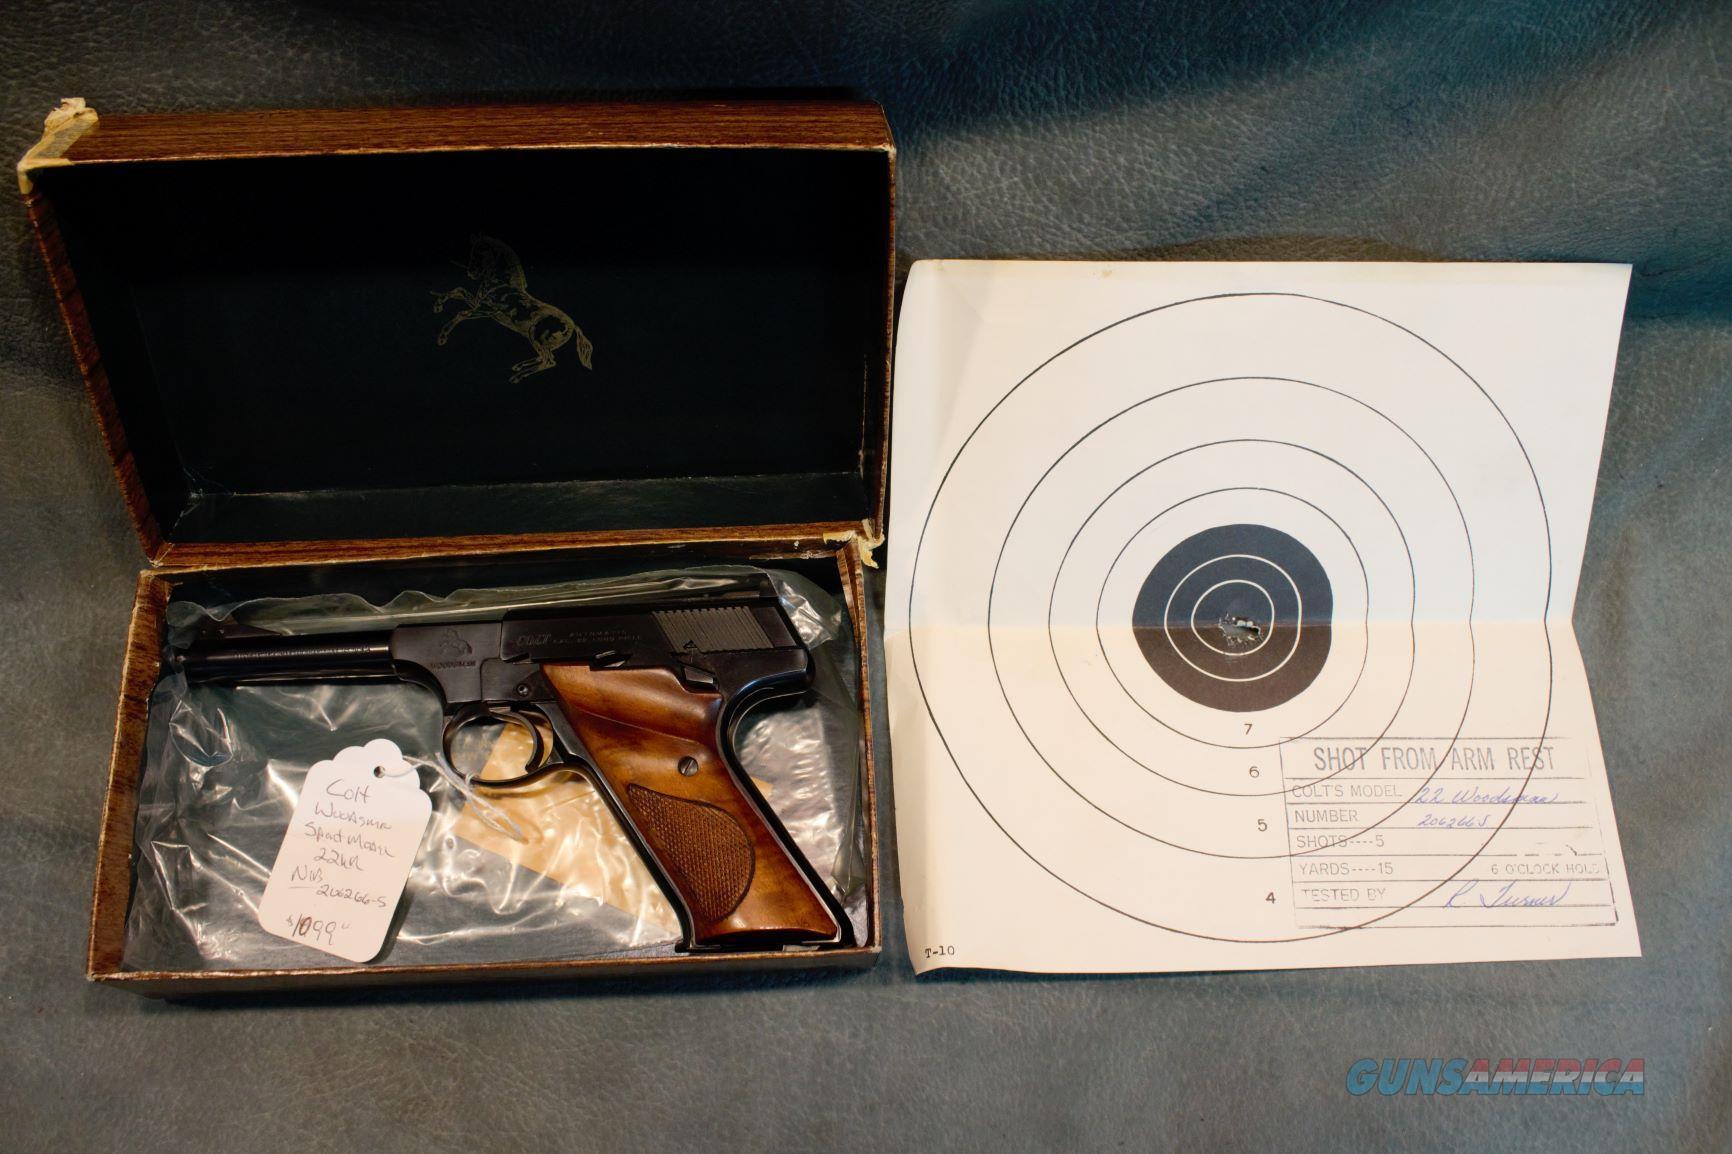 Colt Woodsman Sport Model 22LR NIB  Guns > Pistols > Colt Automatic Pistols (22 Cal.)